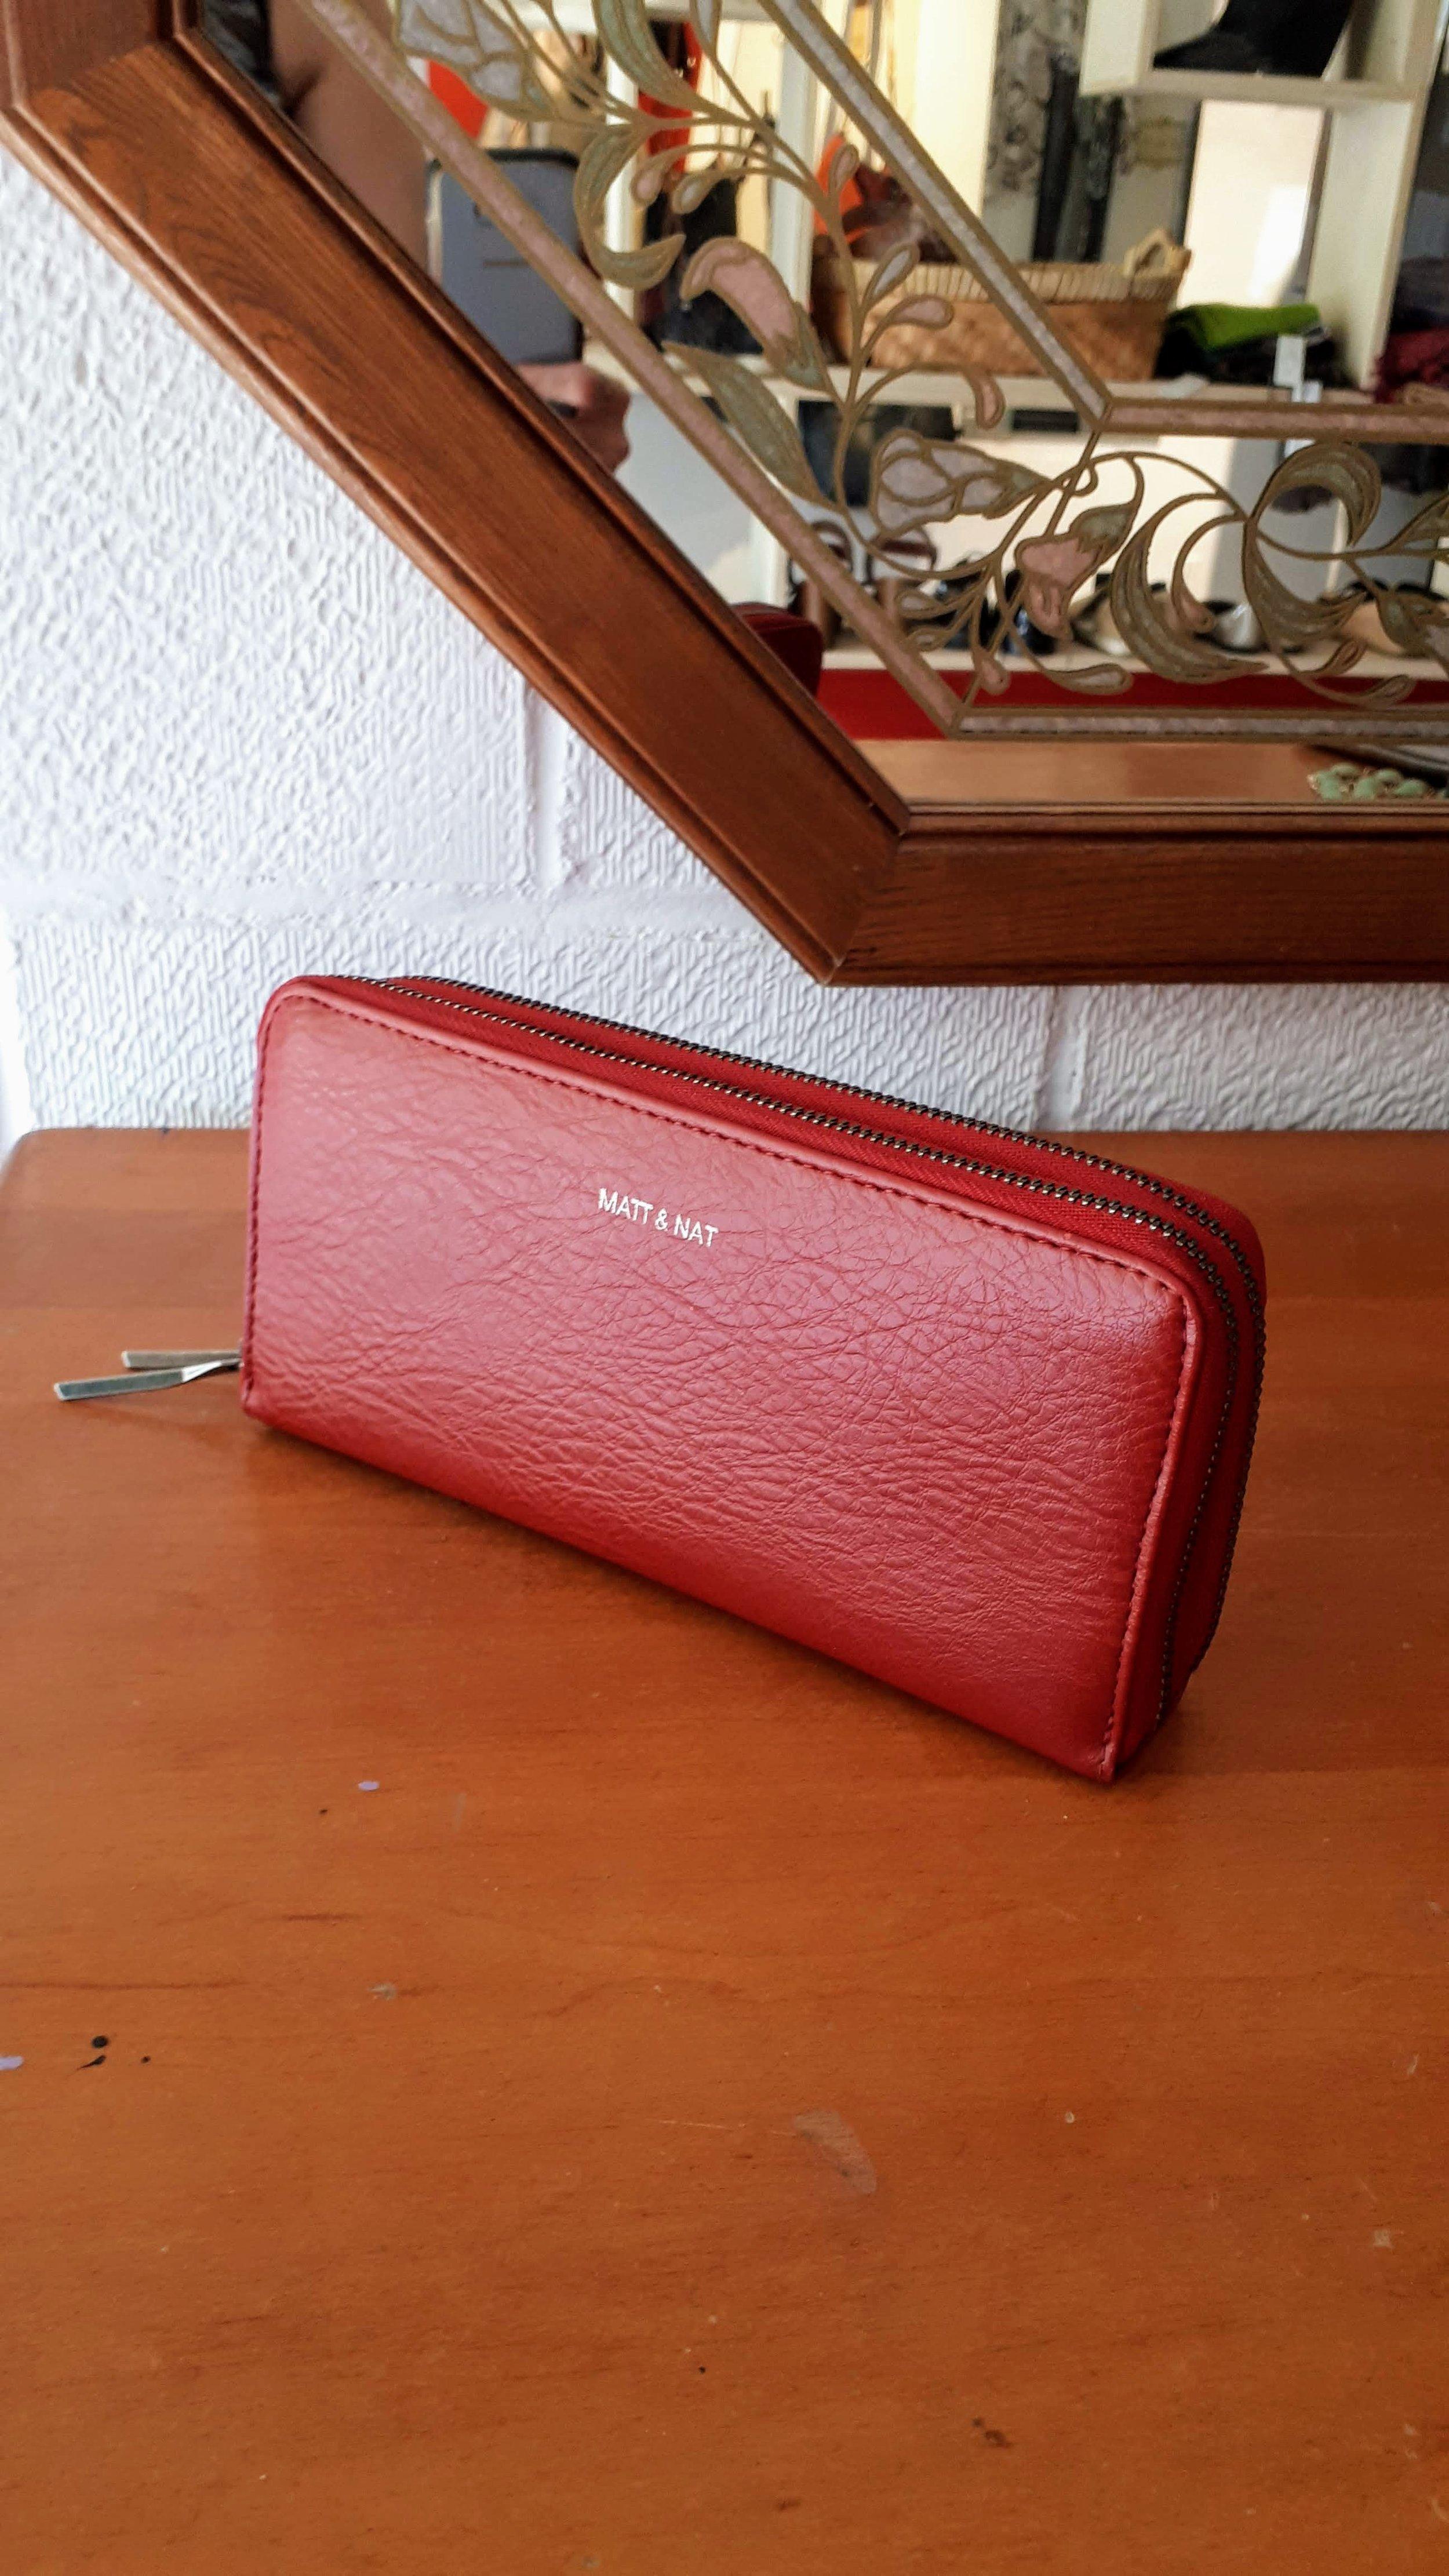 Matt & Nat wallet, $32